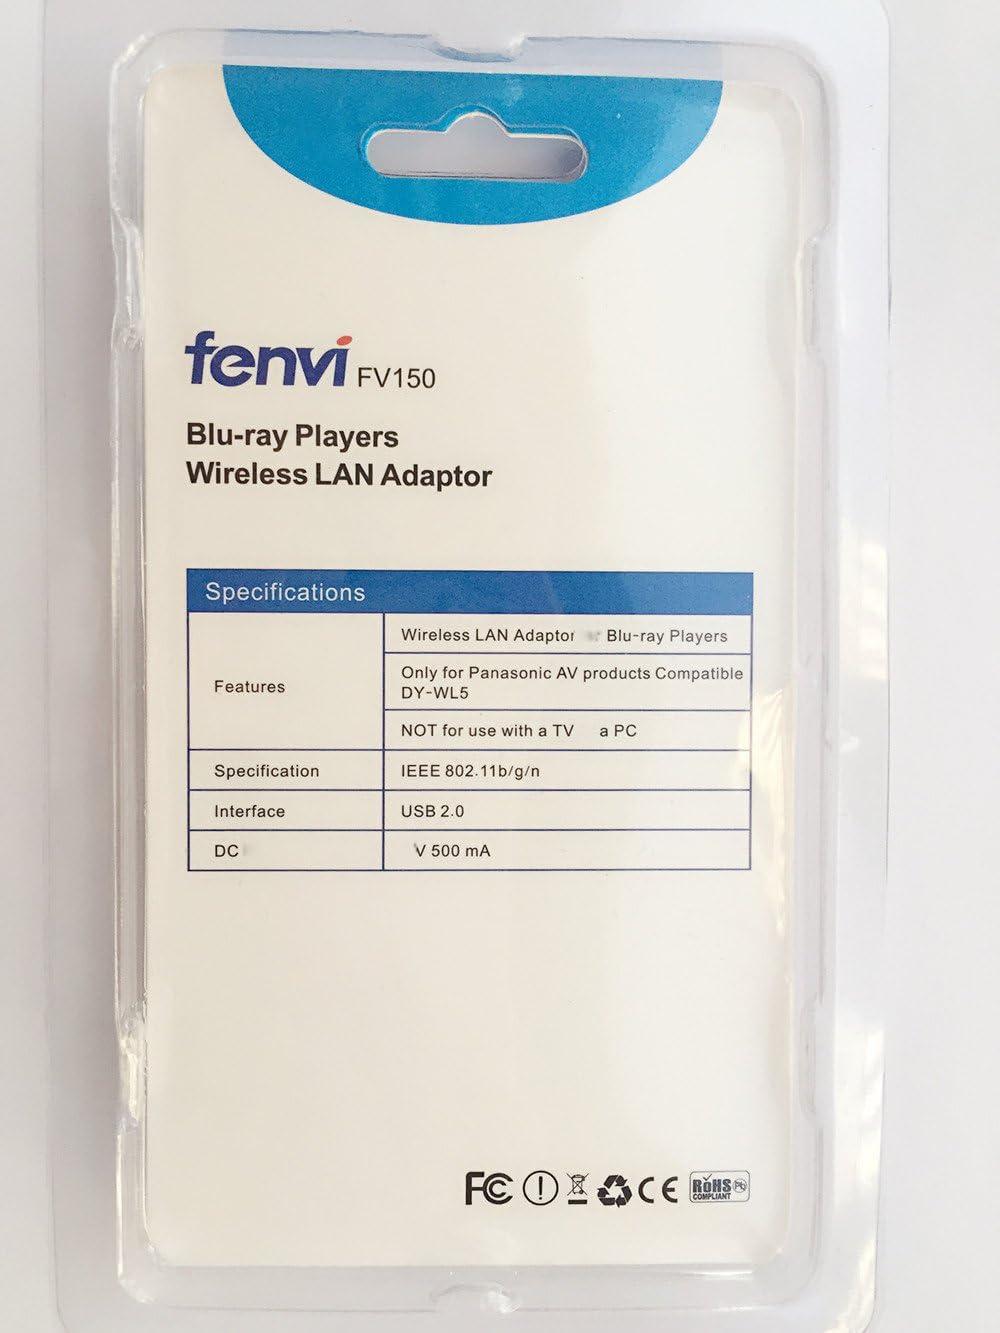 Panasonic DY-WL5 Wireless-N 802.11n WiFi Network LAN USB Adapter for DMR-HW120